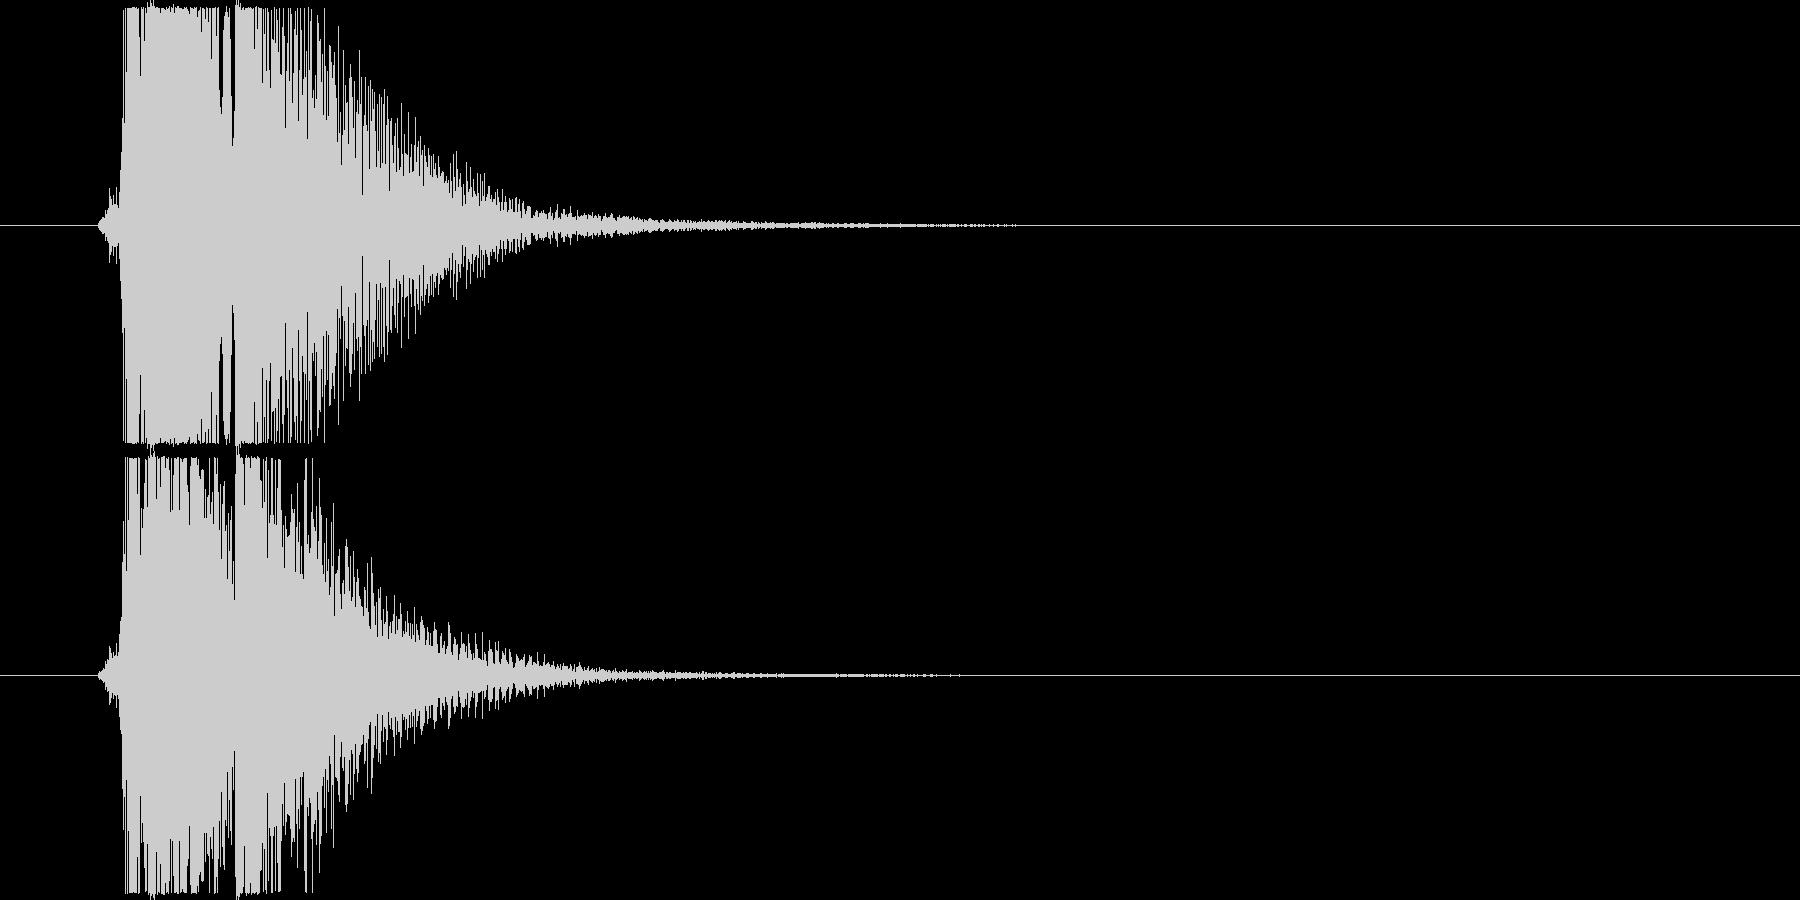 べベン/三味線/和風/掛け声入りの未再生の波形